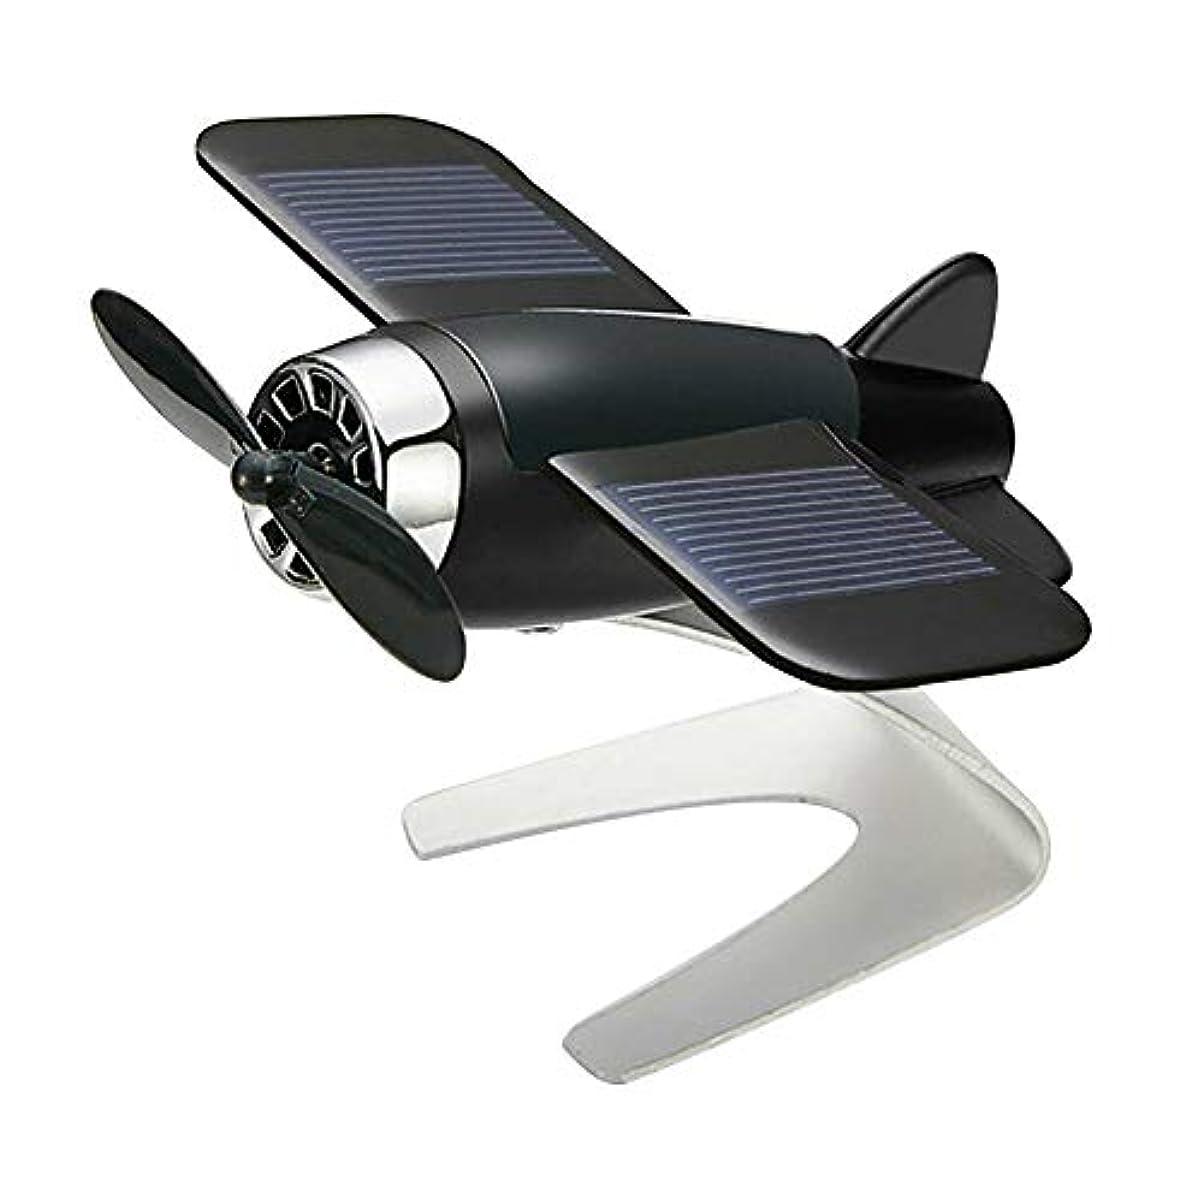 破裂期限不良品Symboat 車の芳香剤飛行機航空機モデル太陽エネルギーアロマテラピー室内装飾